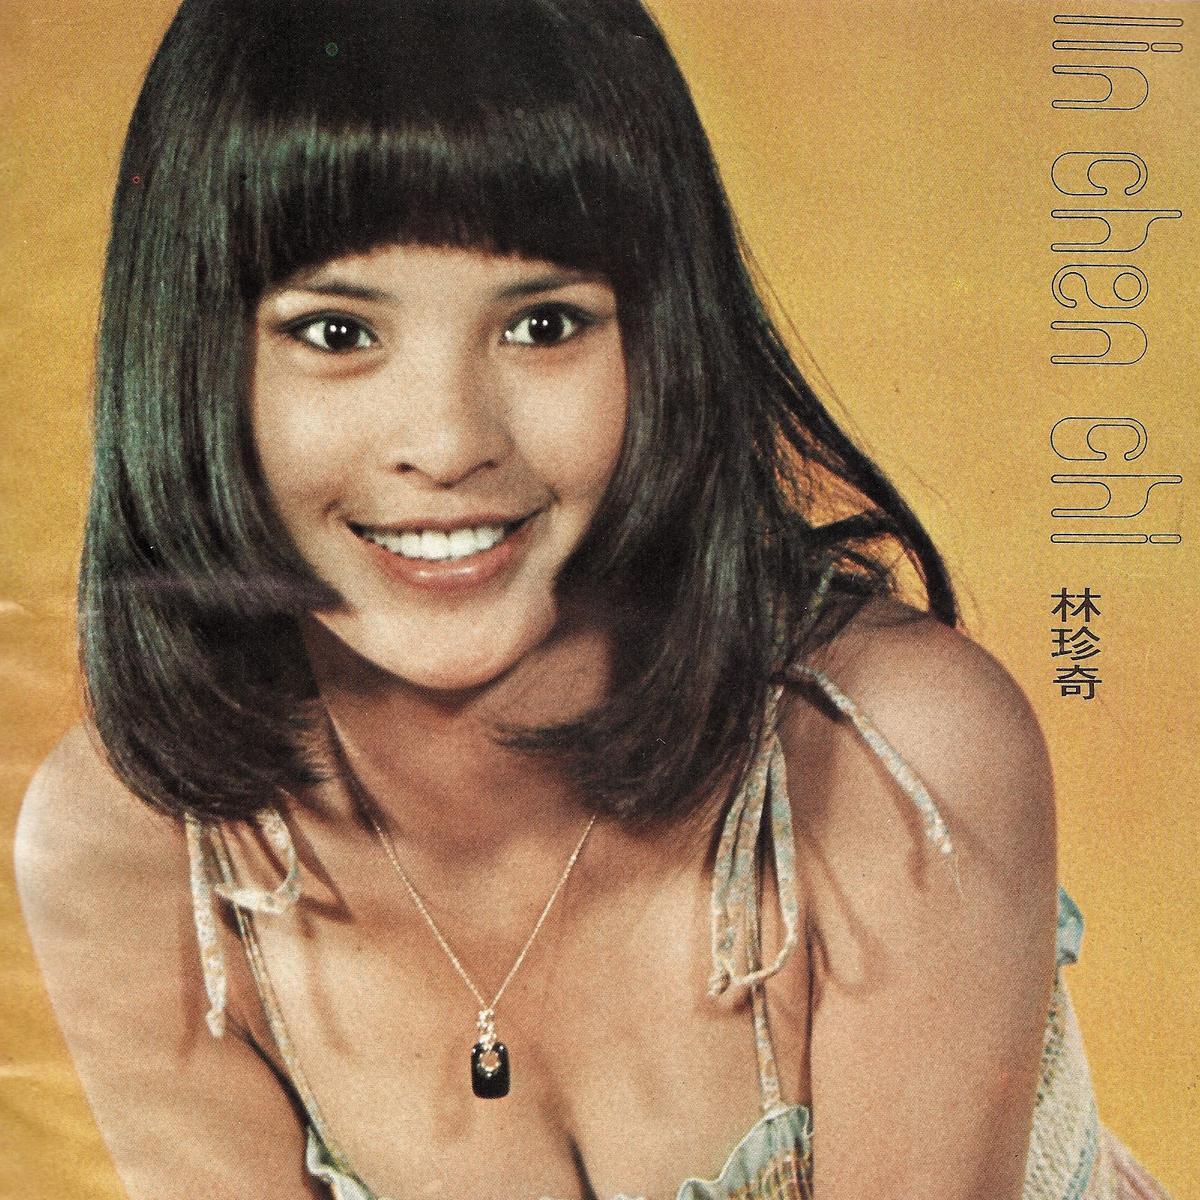 林珍奇1973年被邵氏挖掘,加入影壇,後因苛刻的合約,讓她一怒與之解約,赴美讀書。